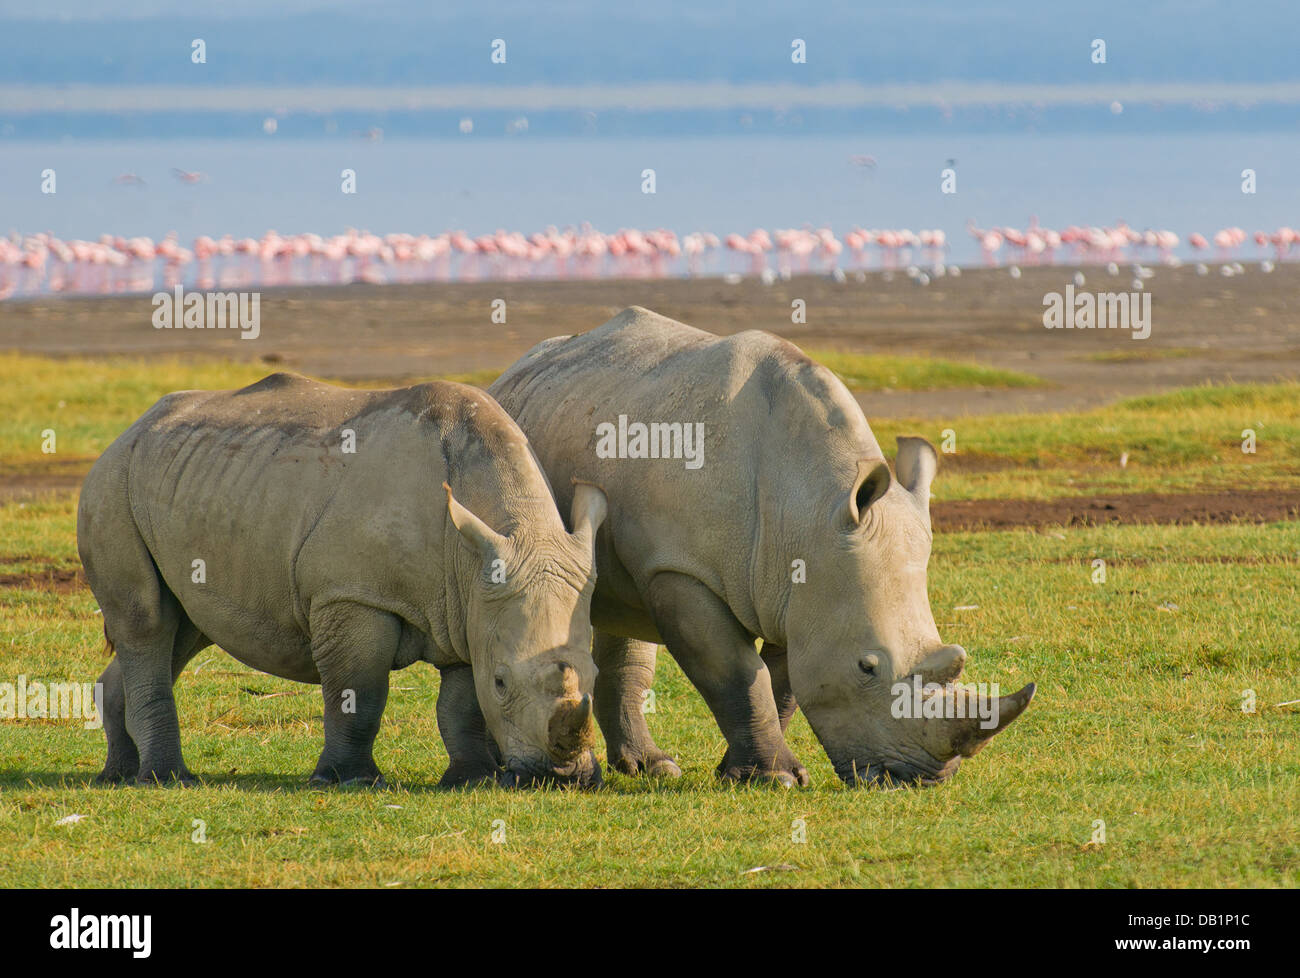 rhinos in lake nakuru national park, kenya - Stock Image